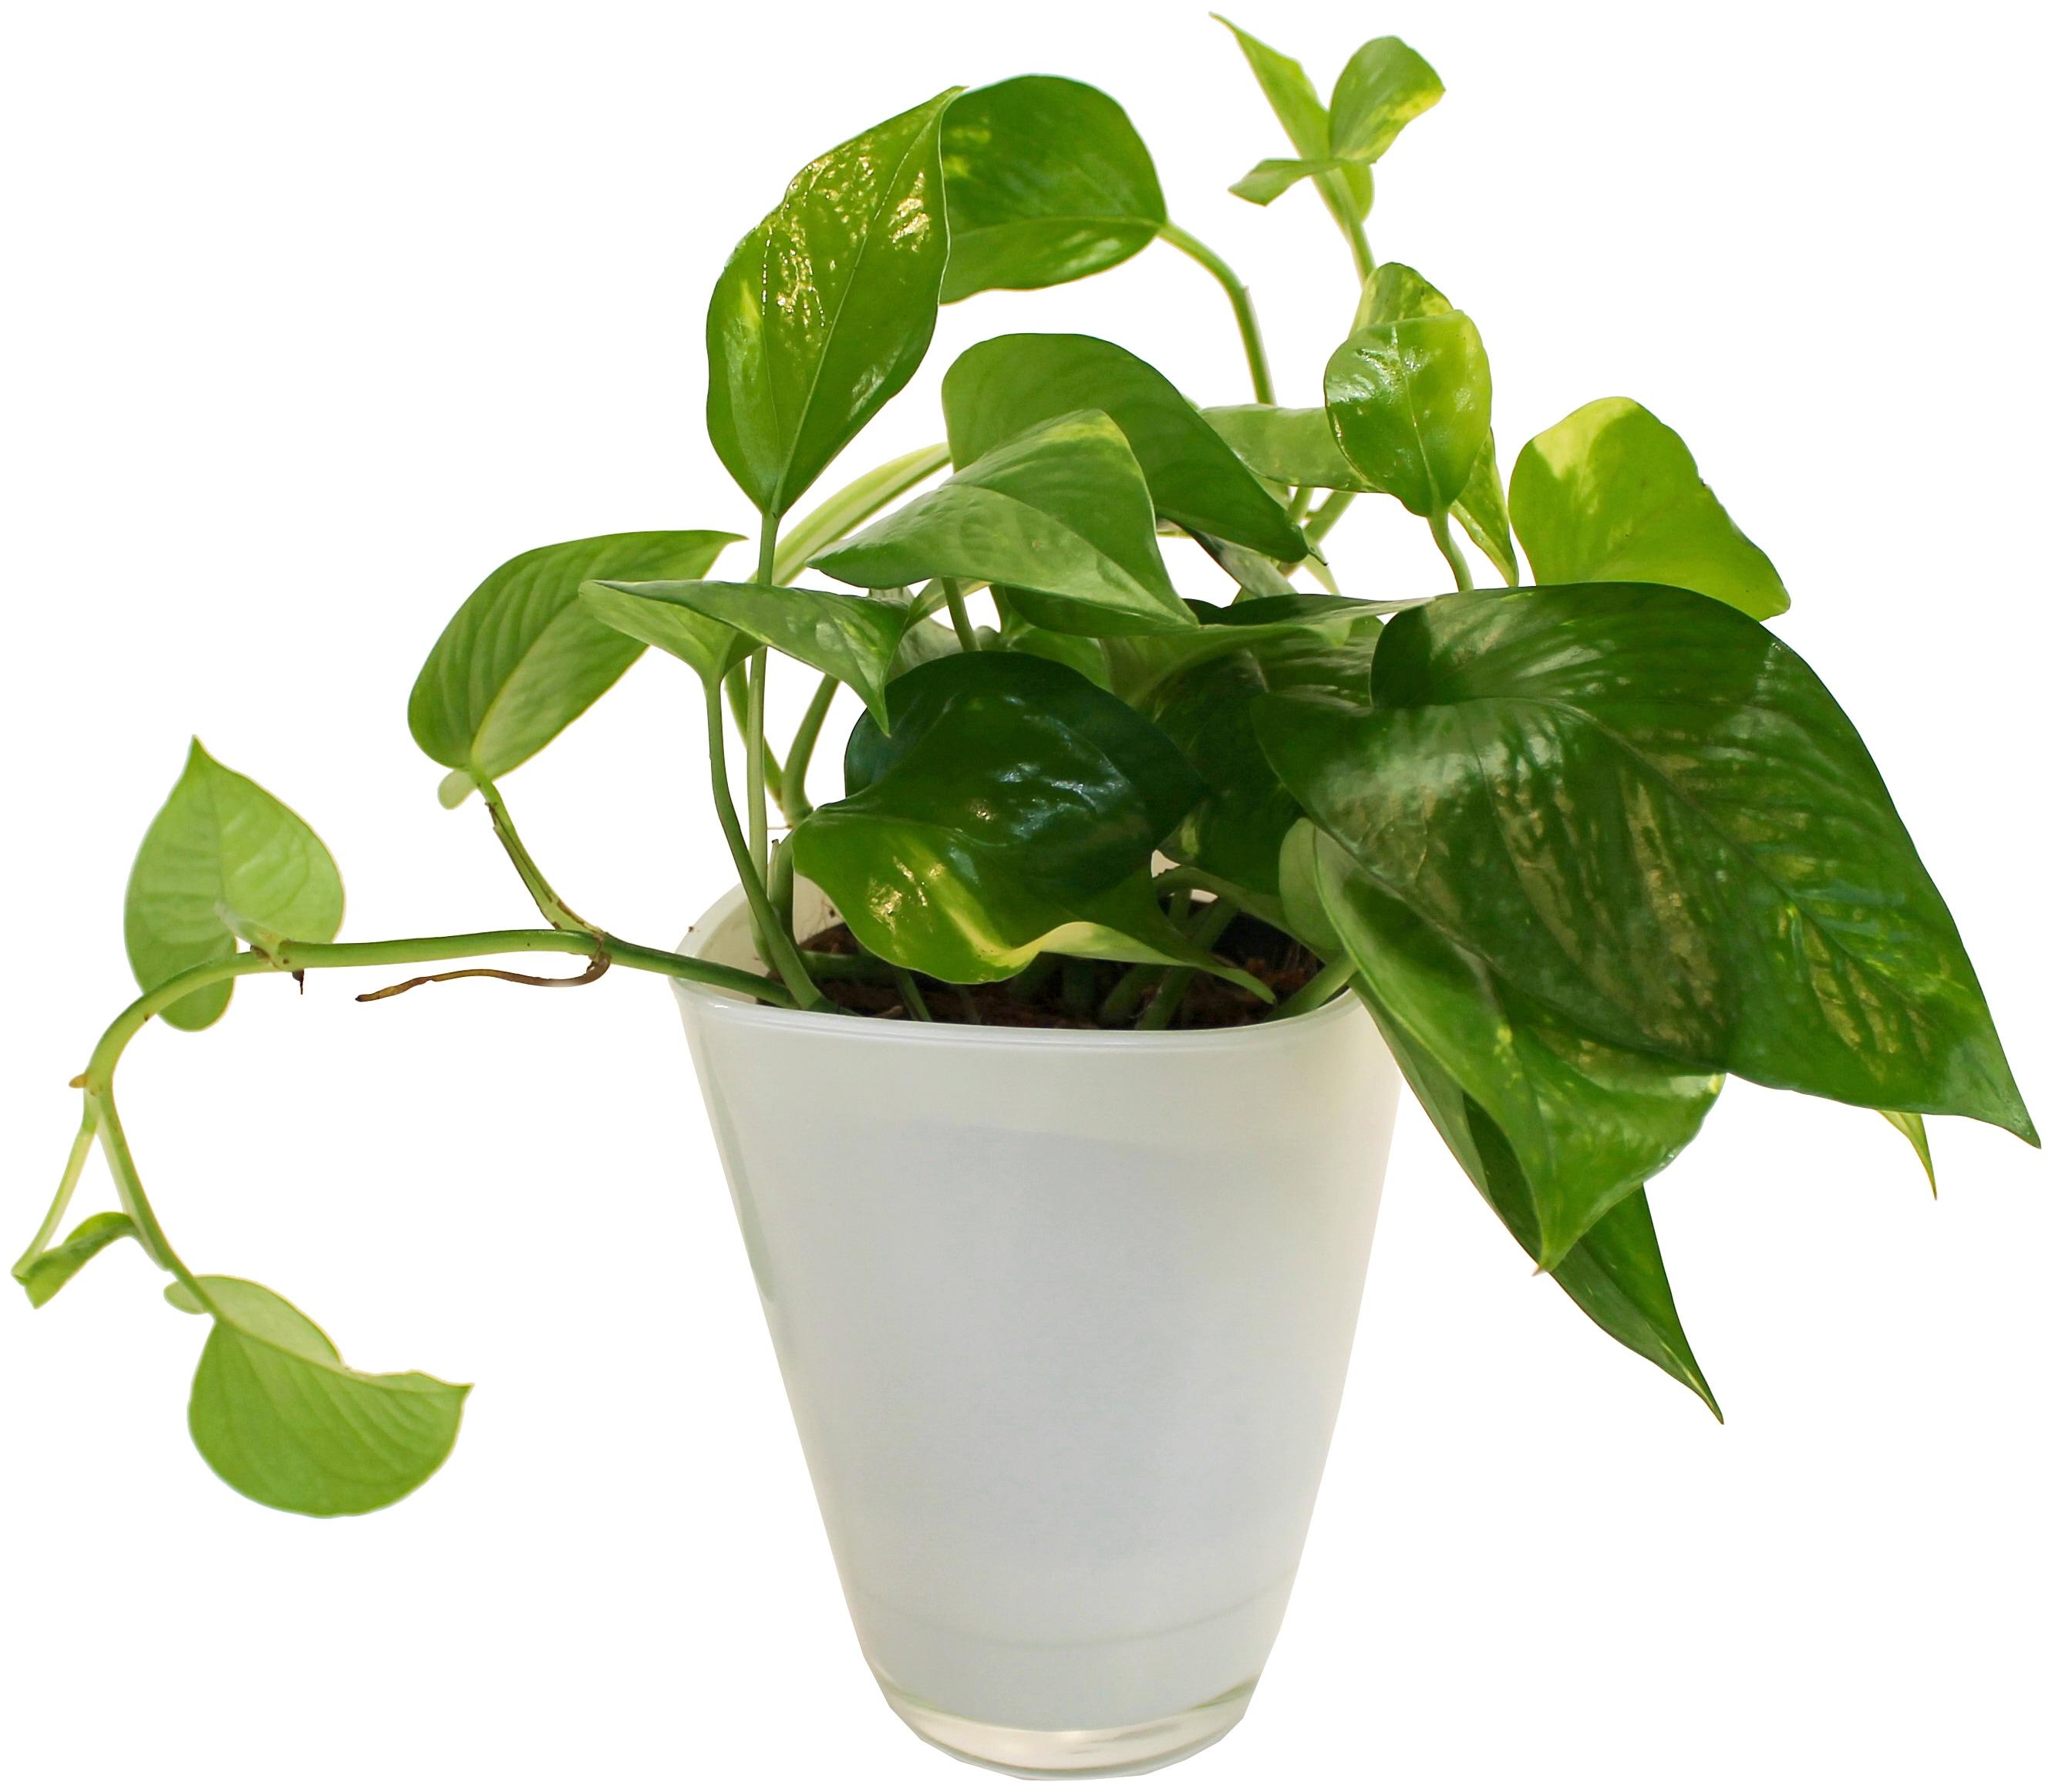 Dominik Zimmerpflanze Efeutute, Höhe: 30 cm, 1 Pflanze im Dekotopf grün Pflanzen Garten Balkon